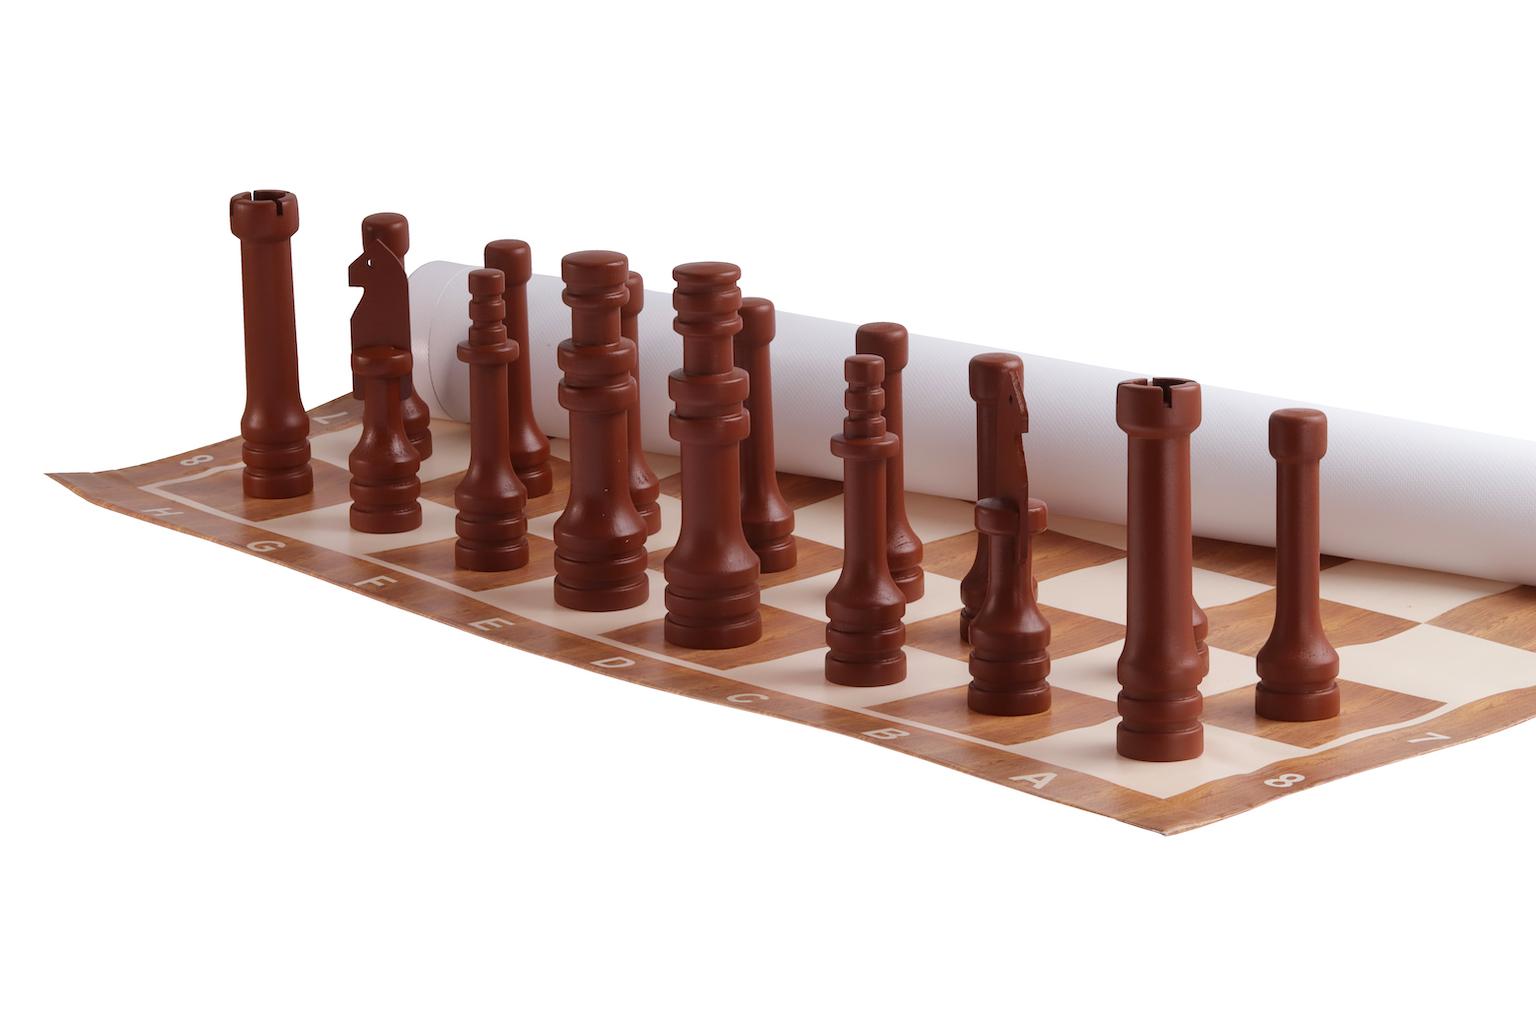 Zahradní šachy malé Hra + hrací plocha: dlažba (á 10x10cm, celkem 64ks)